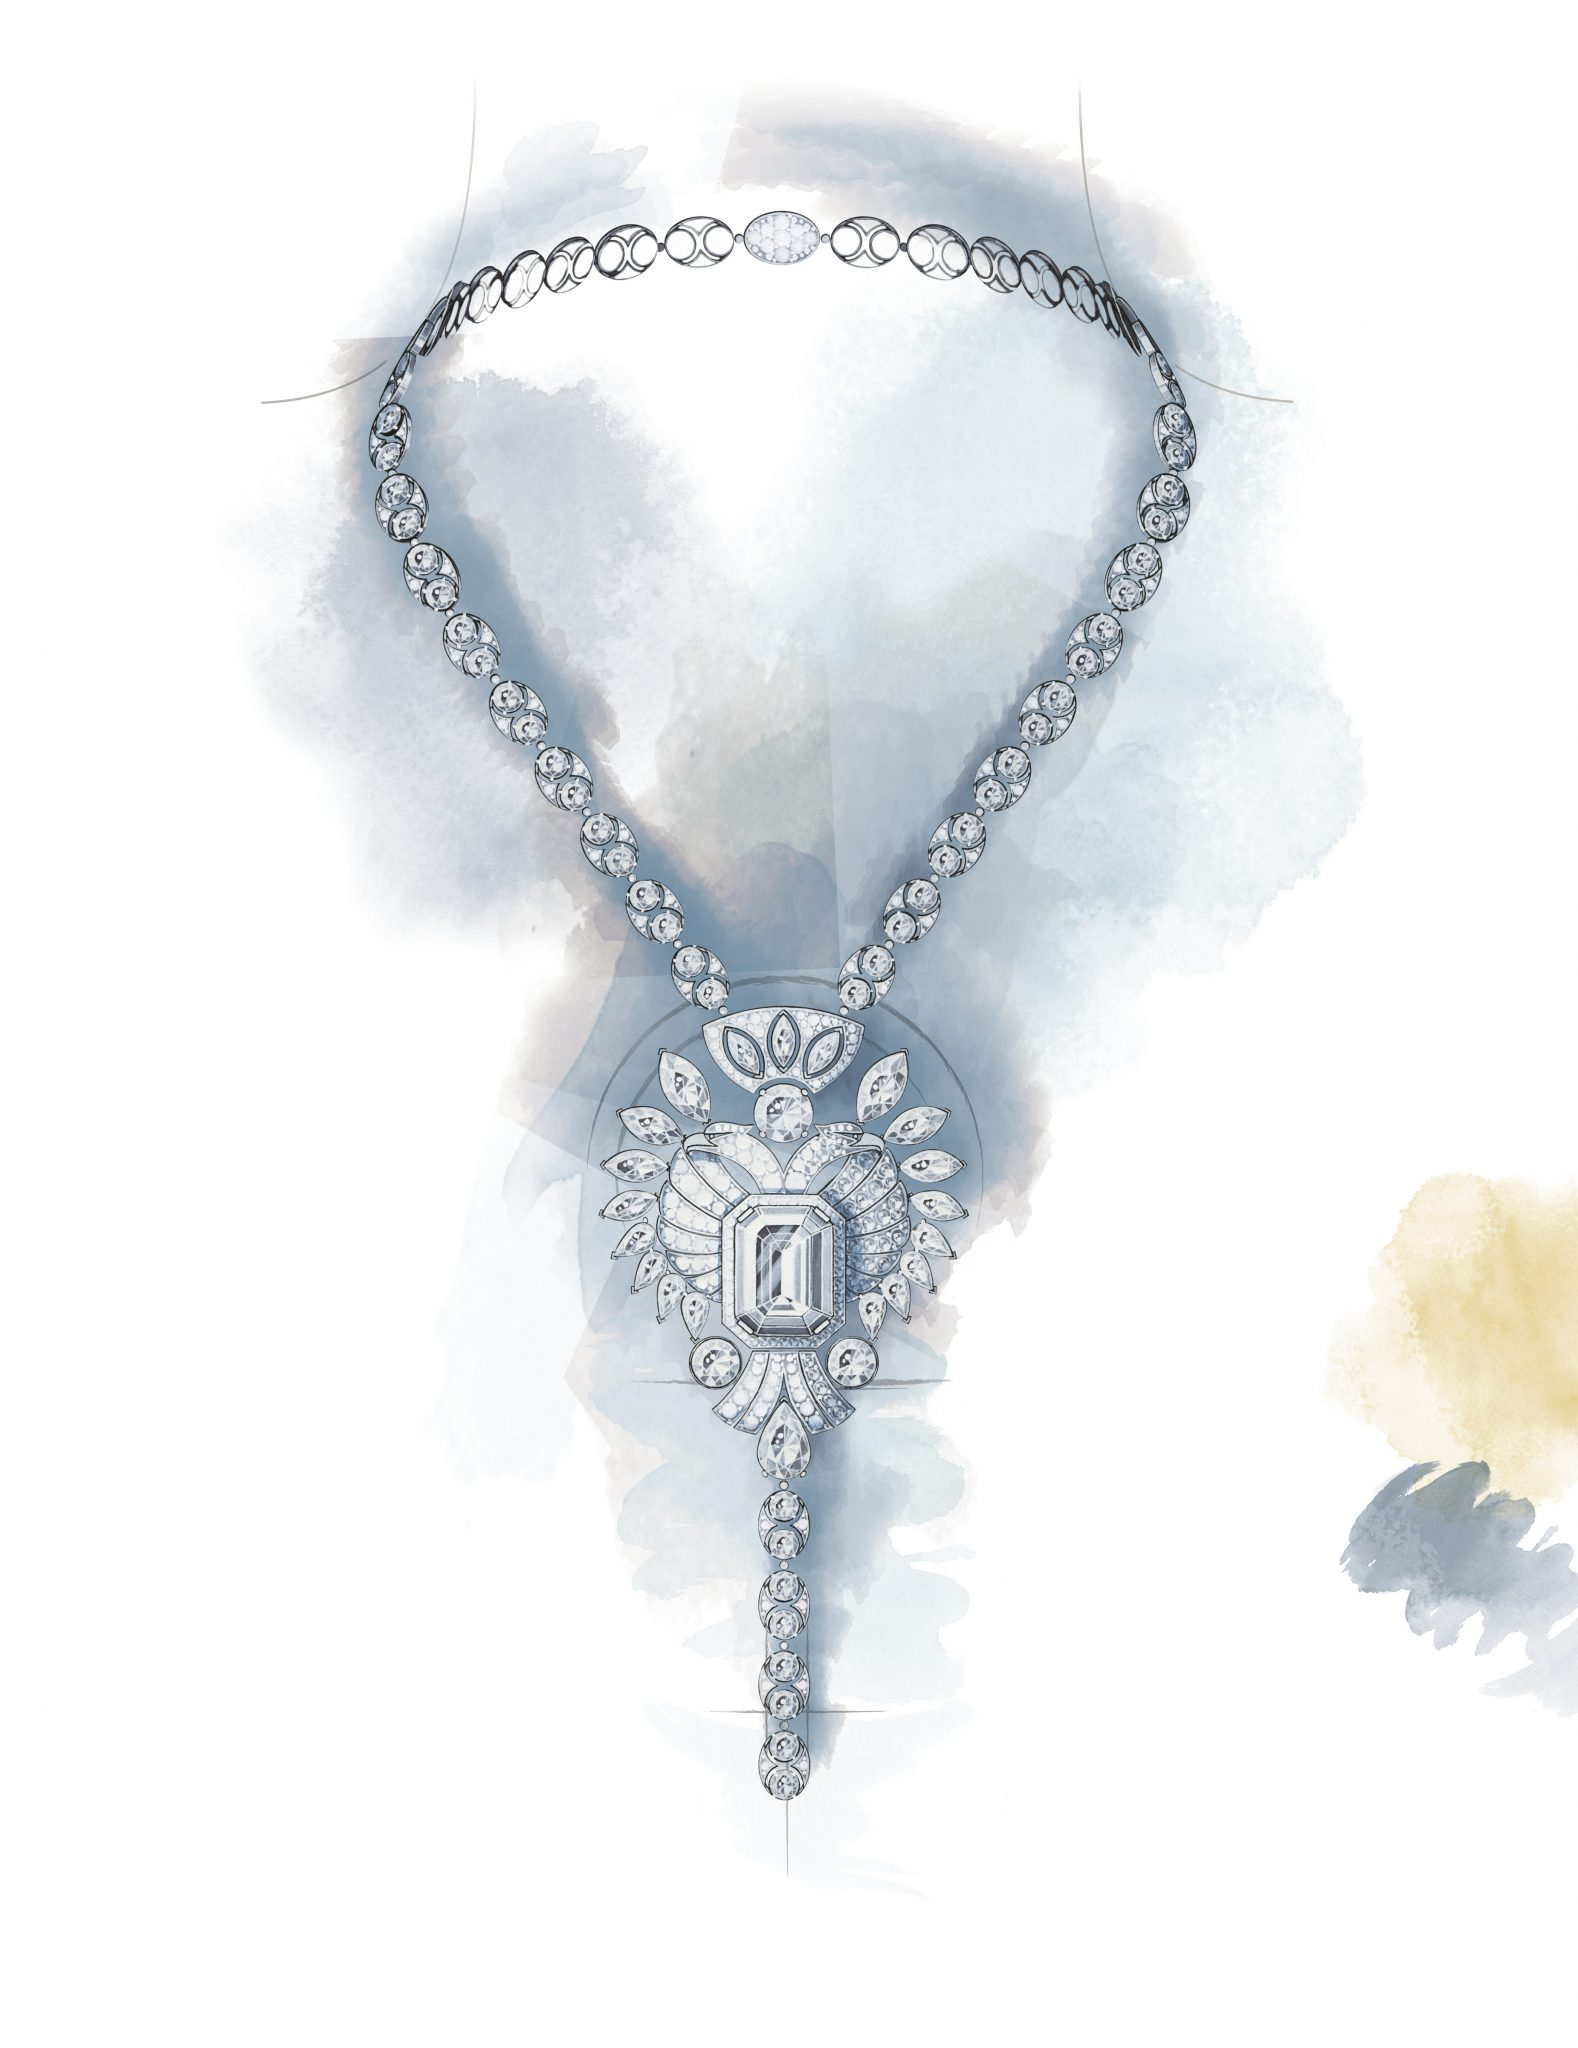 AIGLE CAMBON necklace Esprit de Gabrielle espritdegabrielle.com